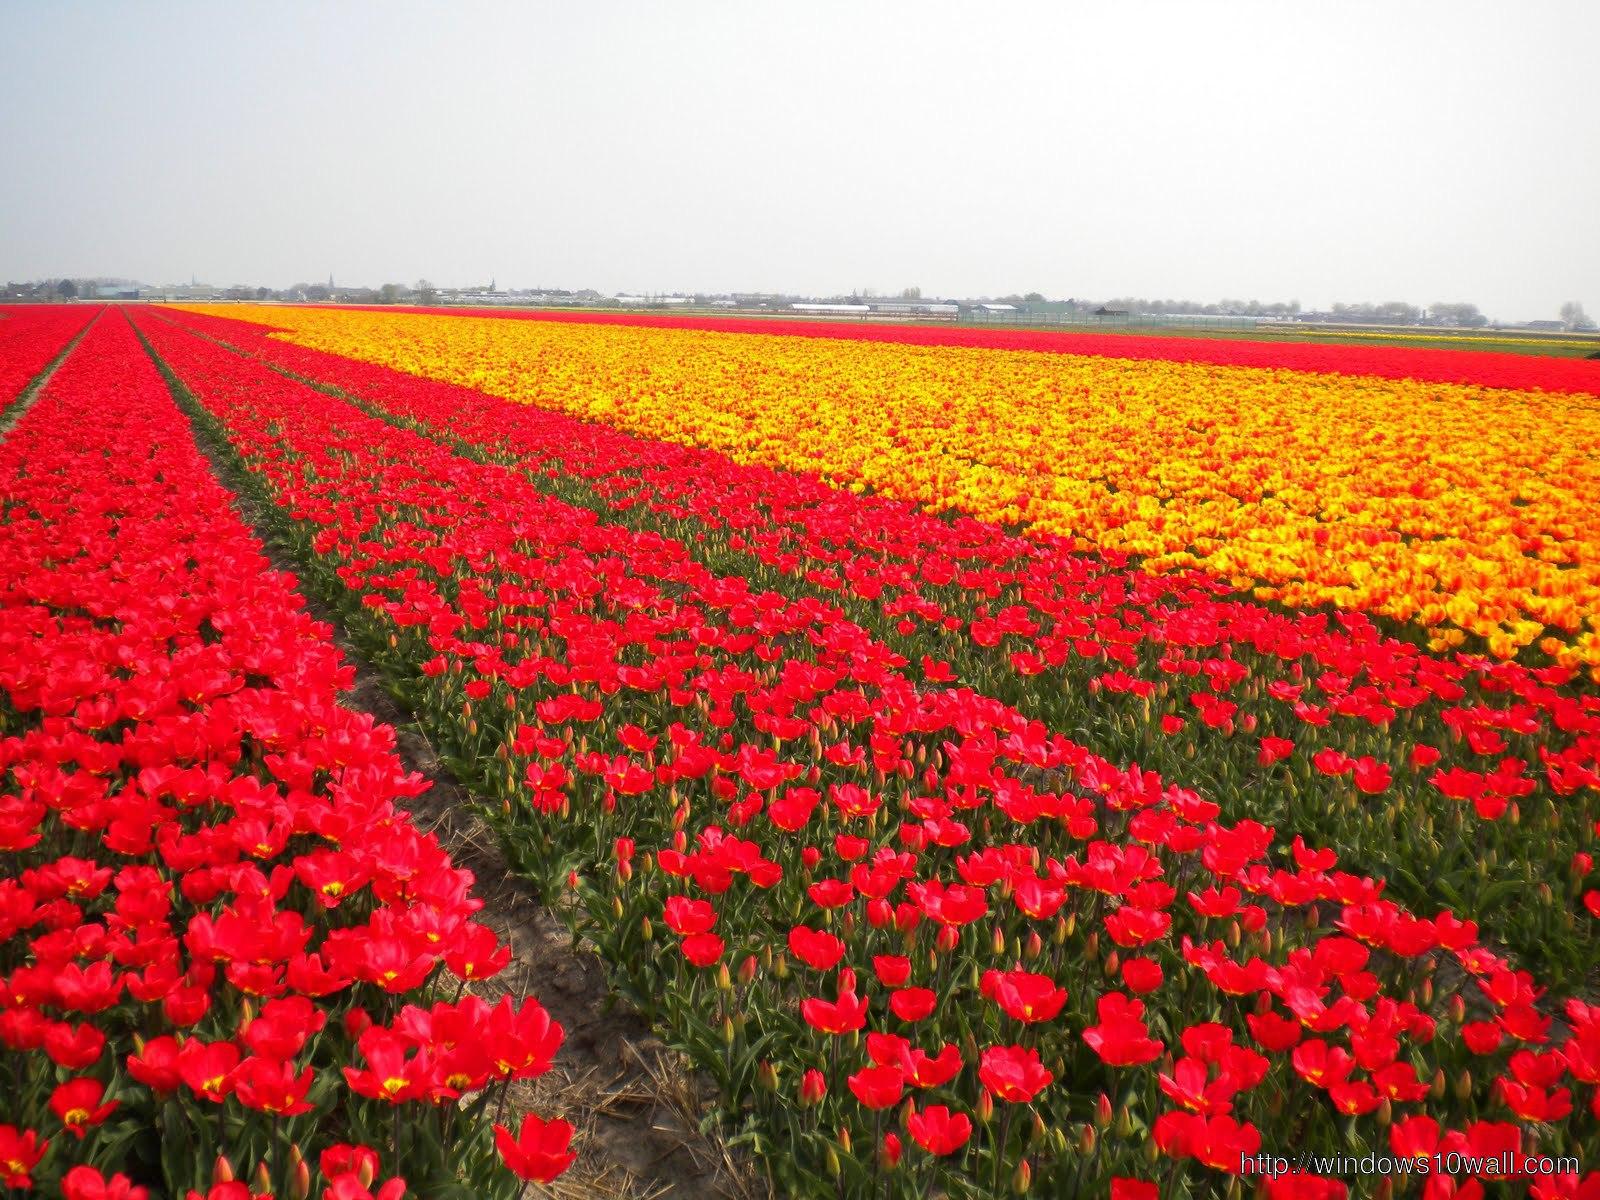 tulips-in-holland-4-field-hd-Wallpaper